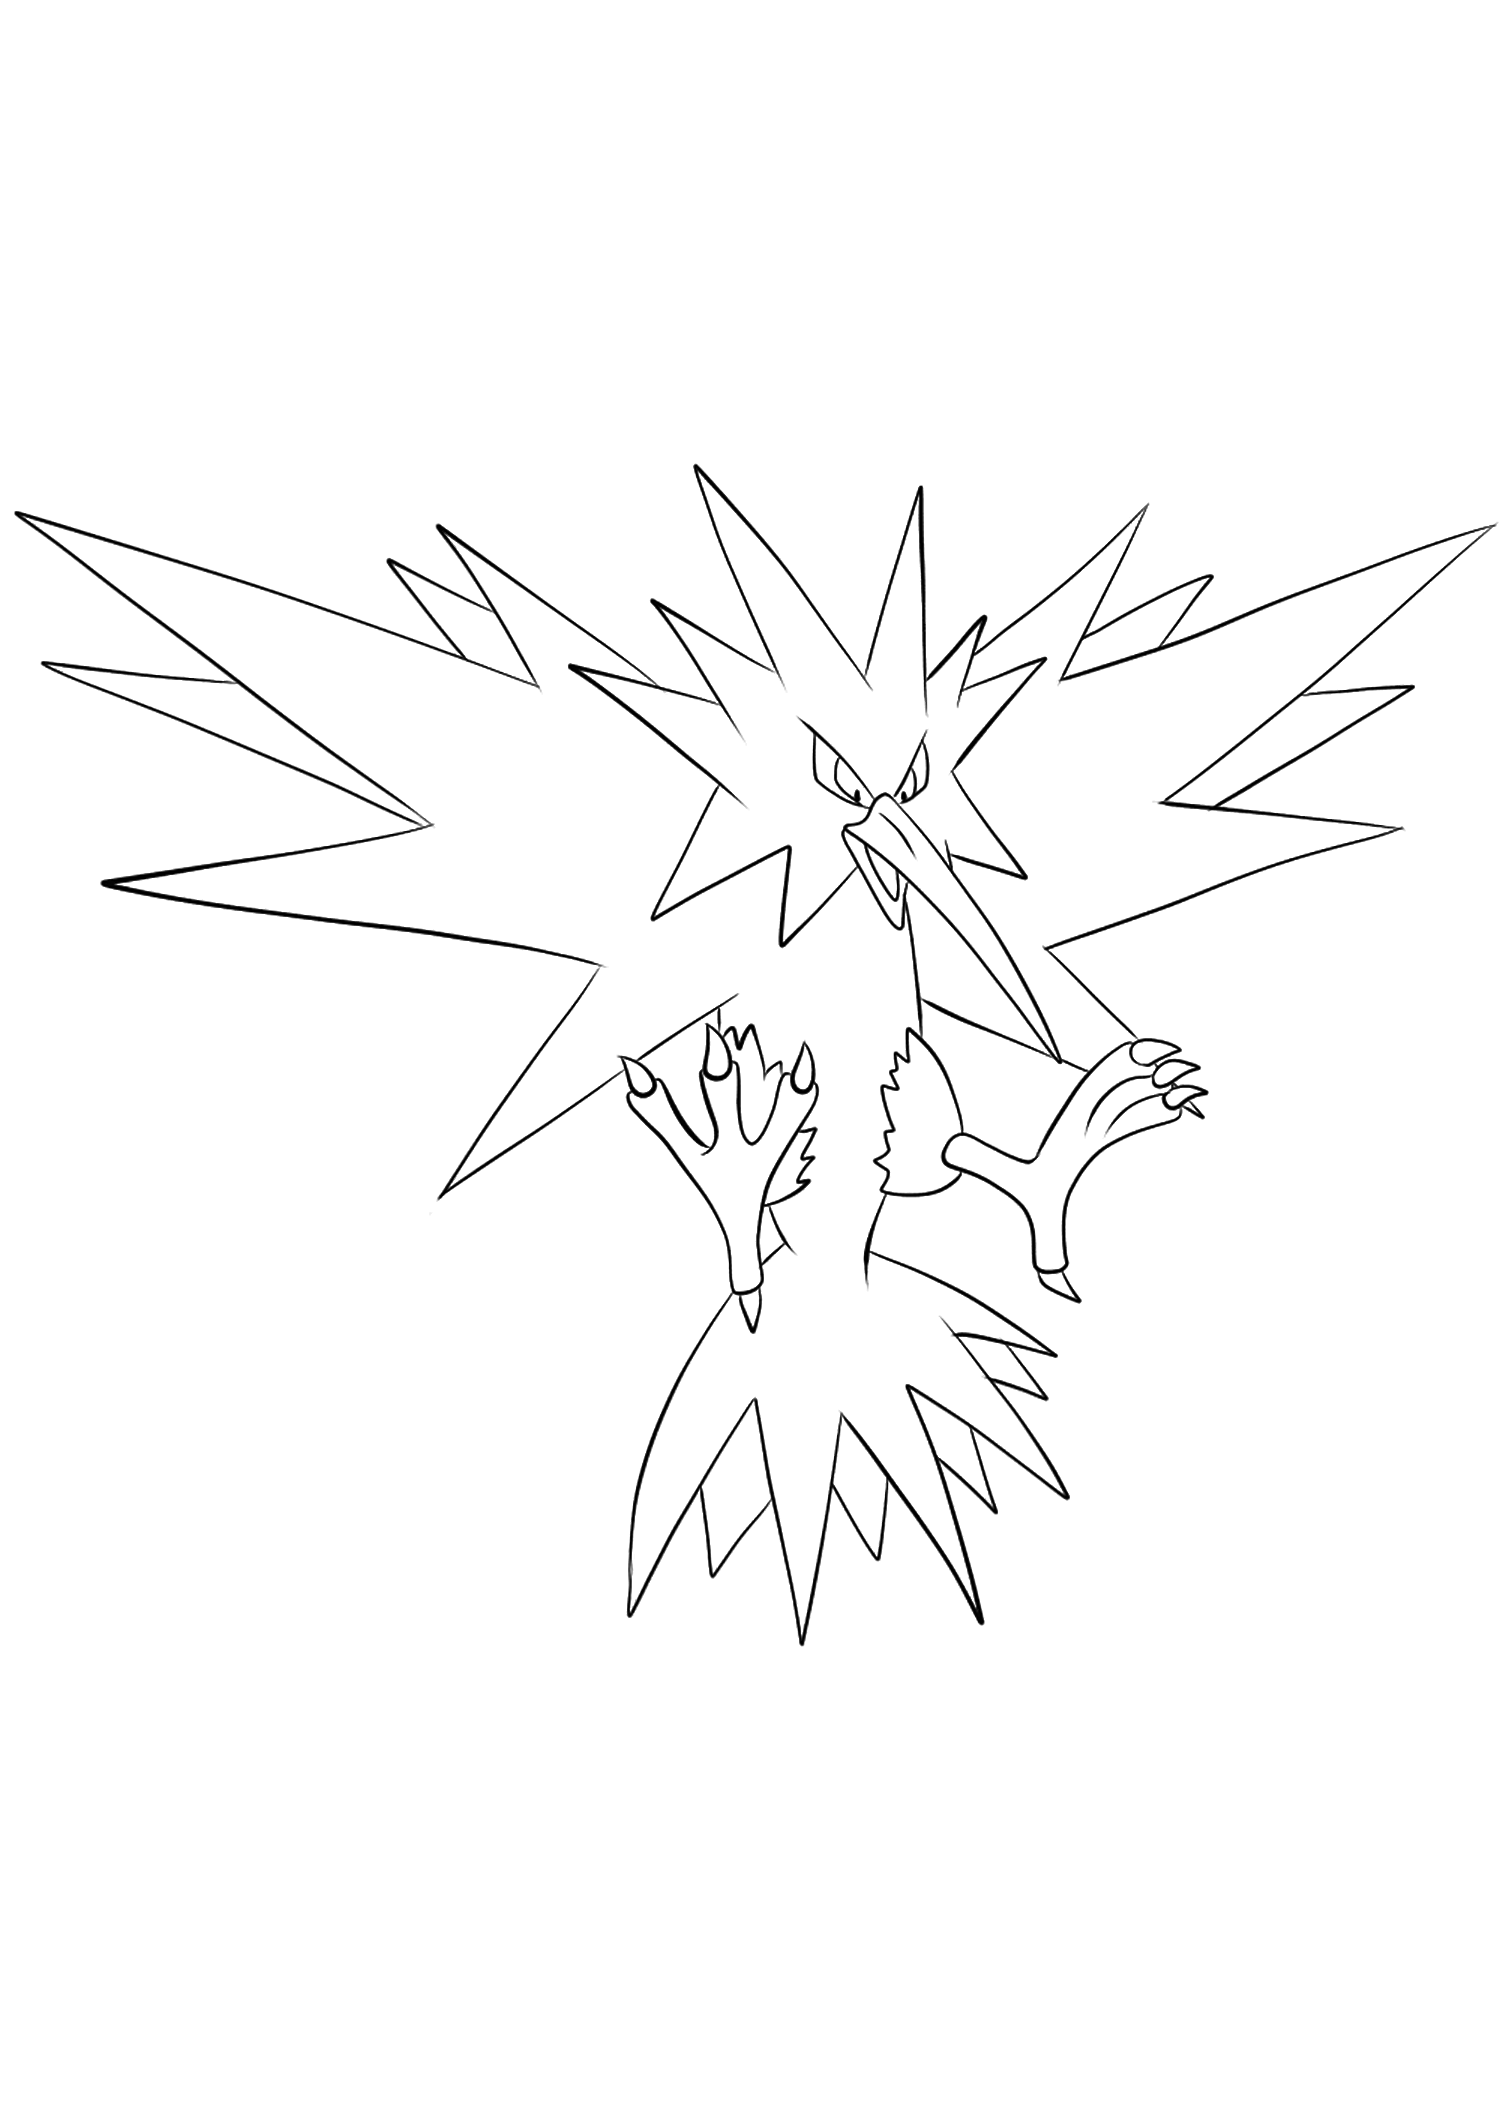 Électhor (No.145)Coloriage de Électhor (Zapdos), Pokémon de Génération I, de type : Electrik et VolOriginal image credit: Pokemon linearts by Lilly Gerbil on Deviantart.Permission:  All rights reserved © Pokemon company and Ken Sugimori.